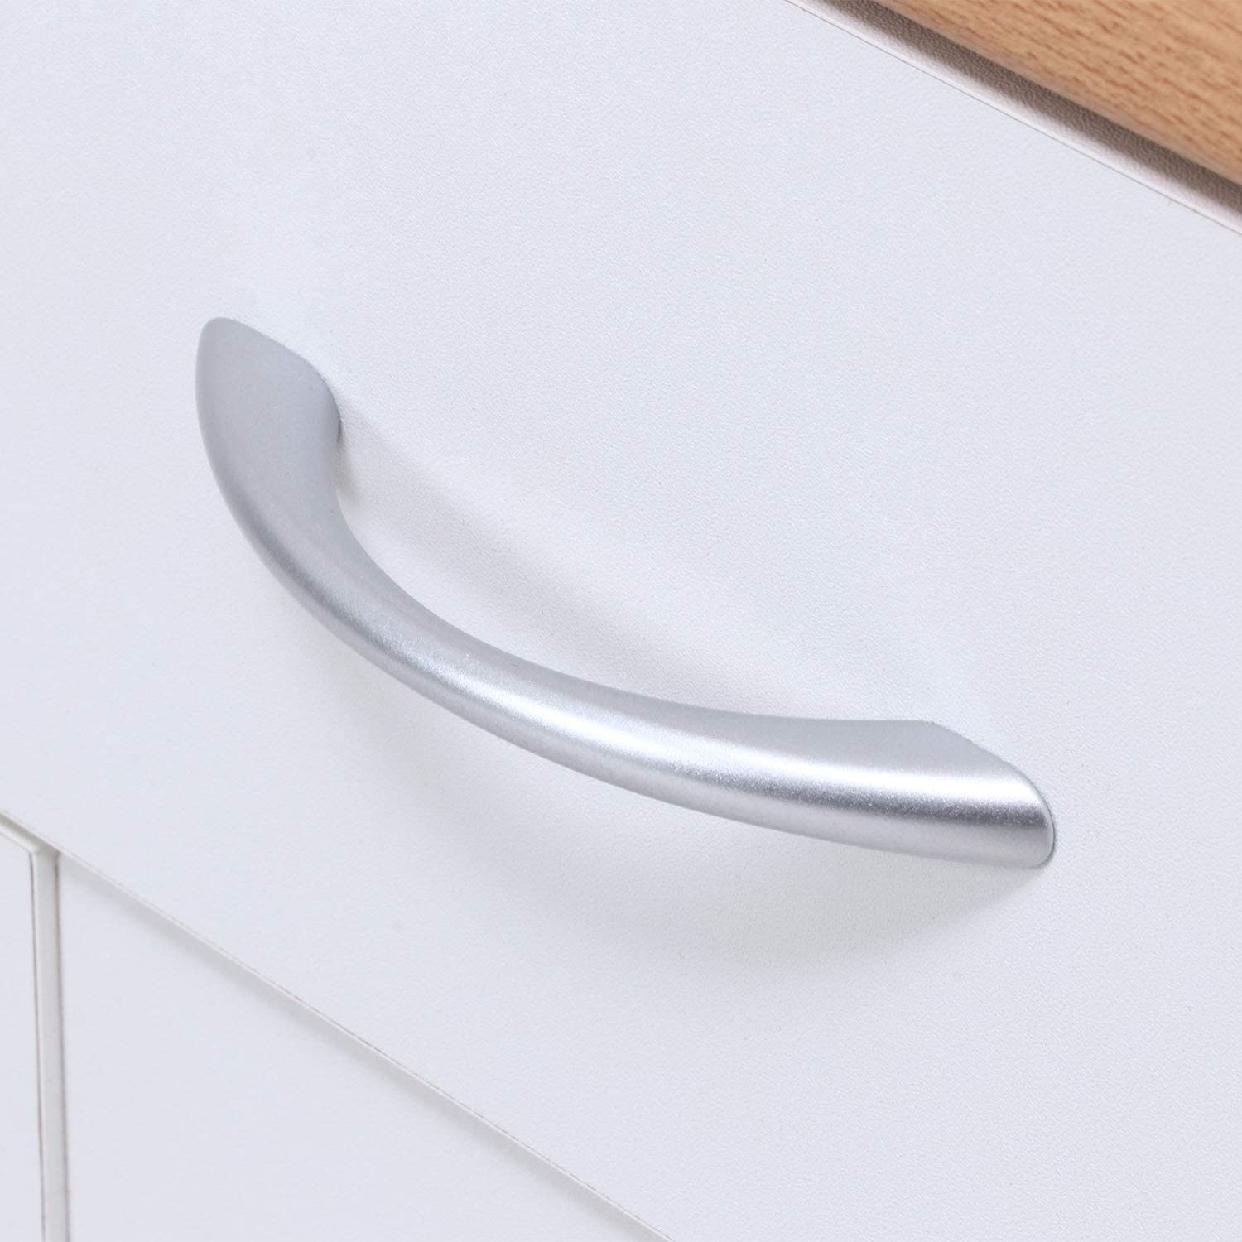 Sage(サージュ)キッチンカウンター 96819 幅90cmの商品画像14